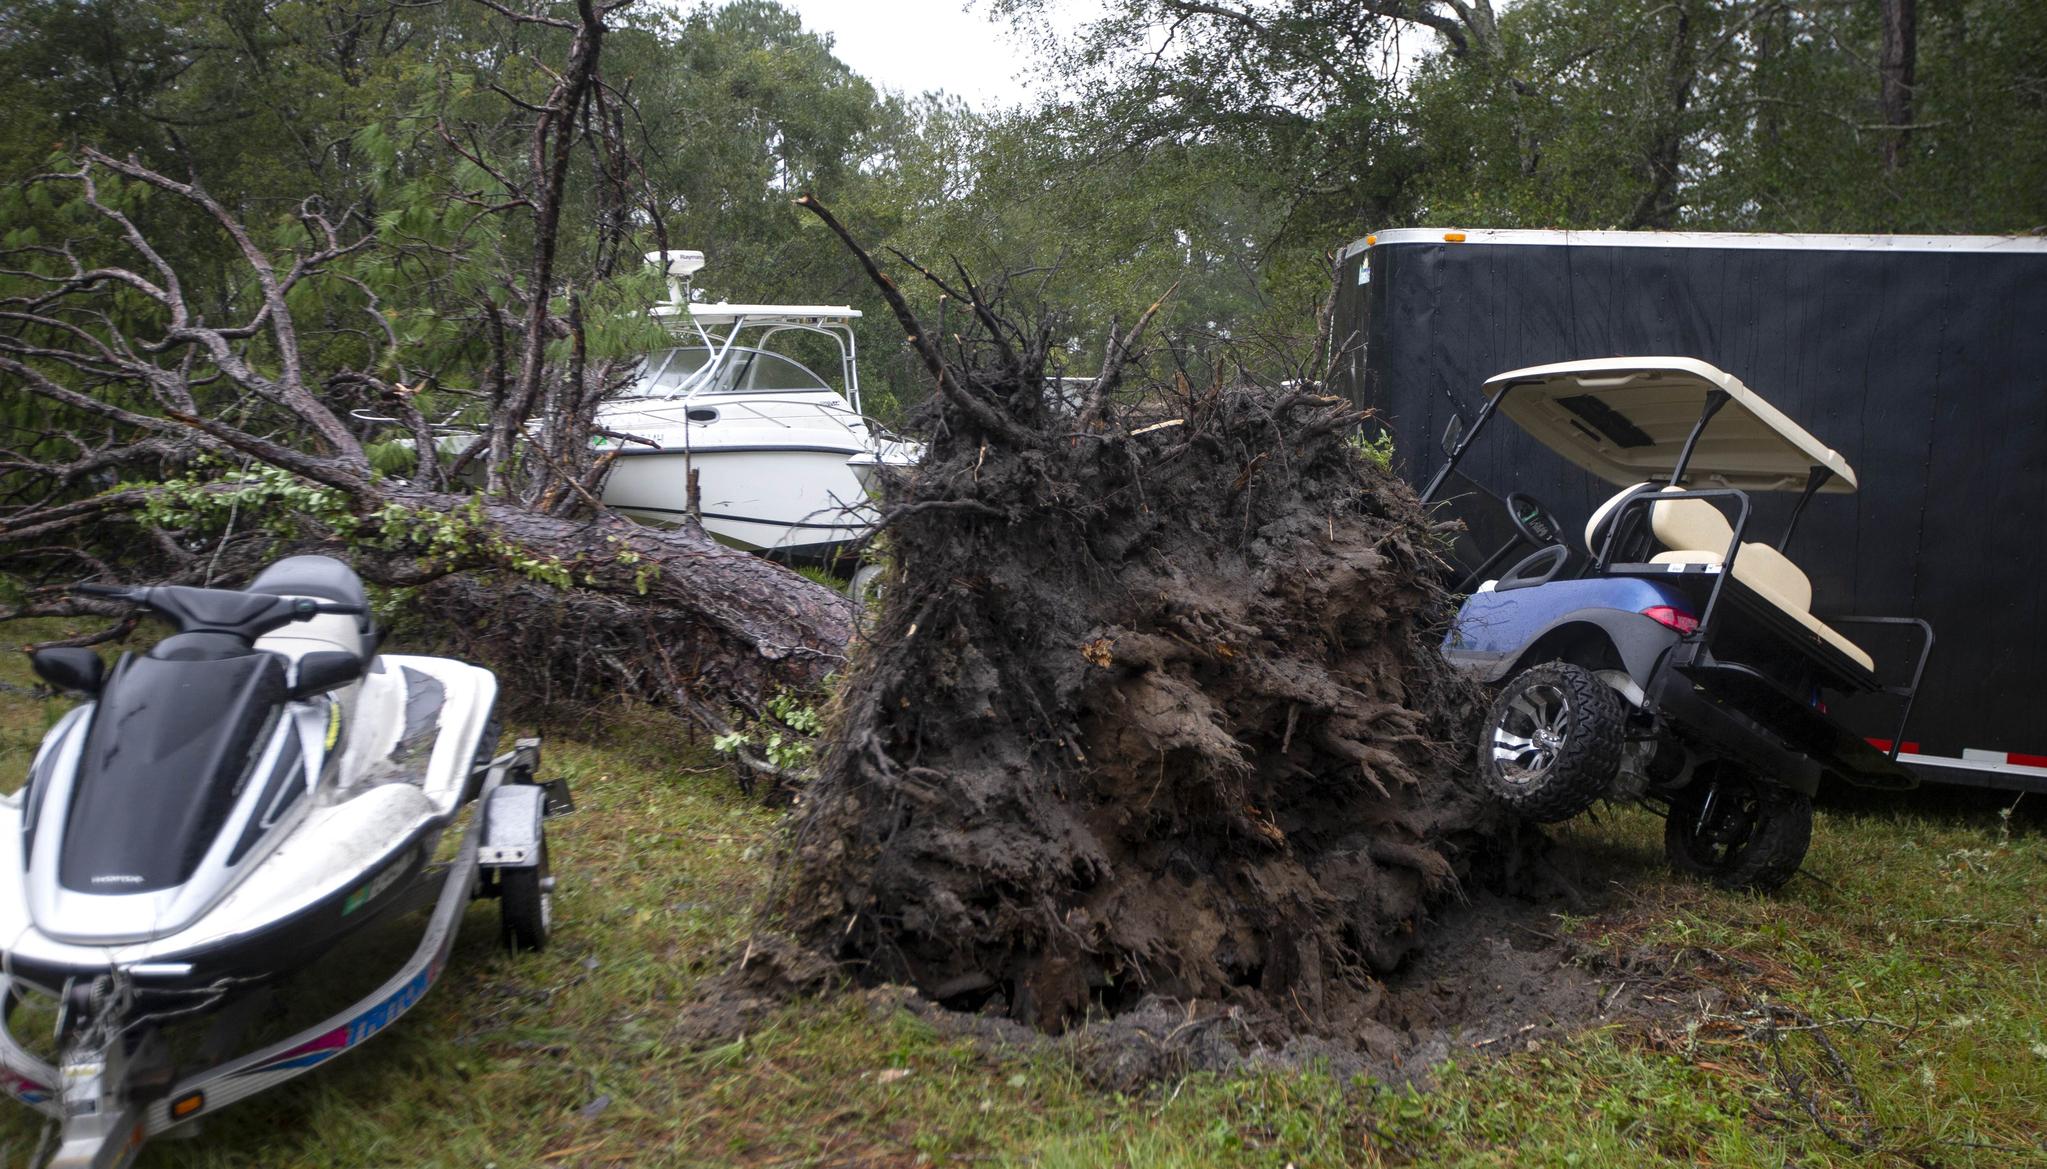 10(현지시간) 미국 조지아주 탈리아페로카운티 크로포드빌 일대의 한 나무가 태풍에 의해 뿌리채 뽑혀져 있다. [AFP=연합뉴스]